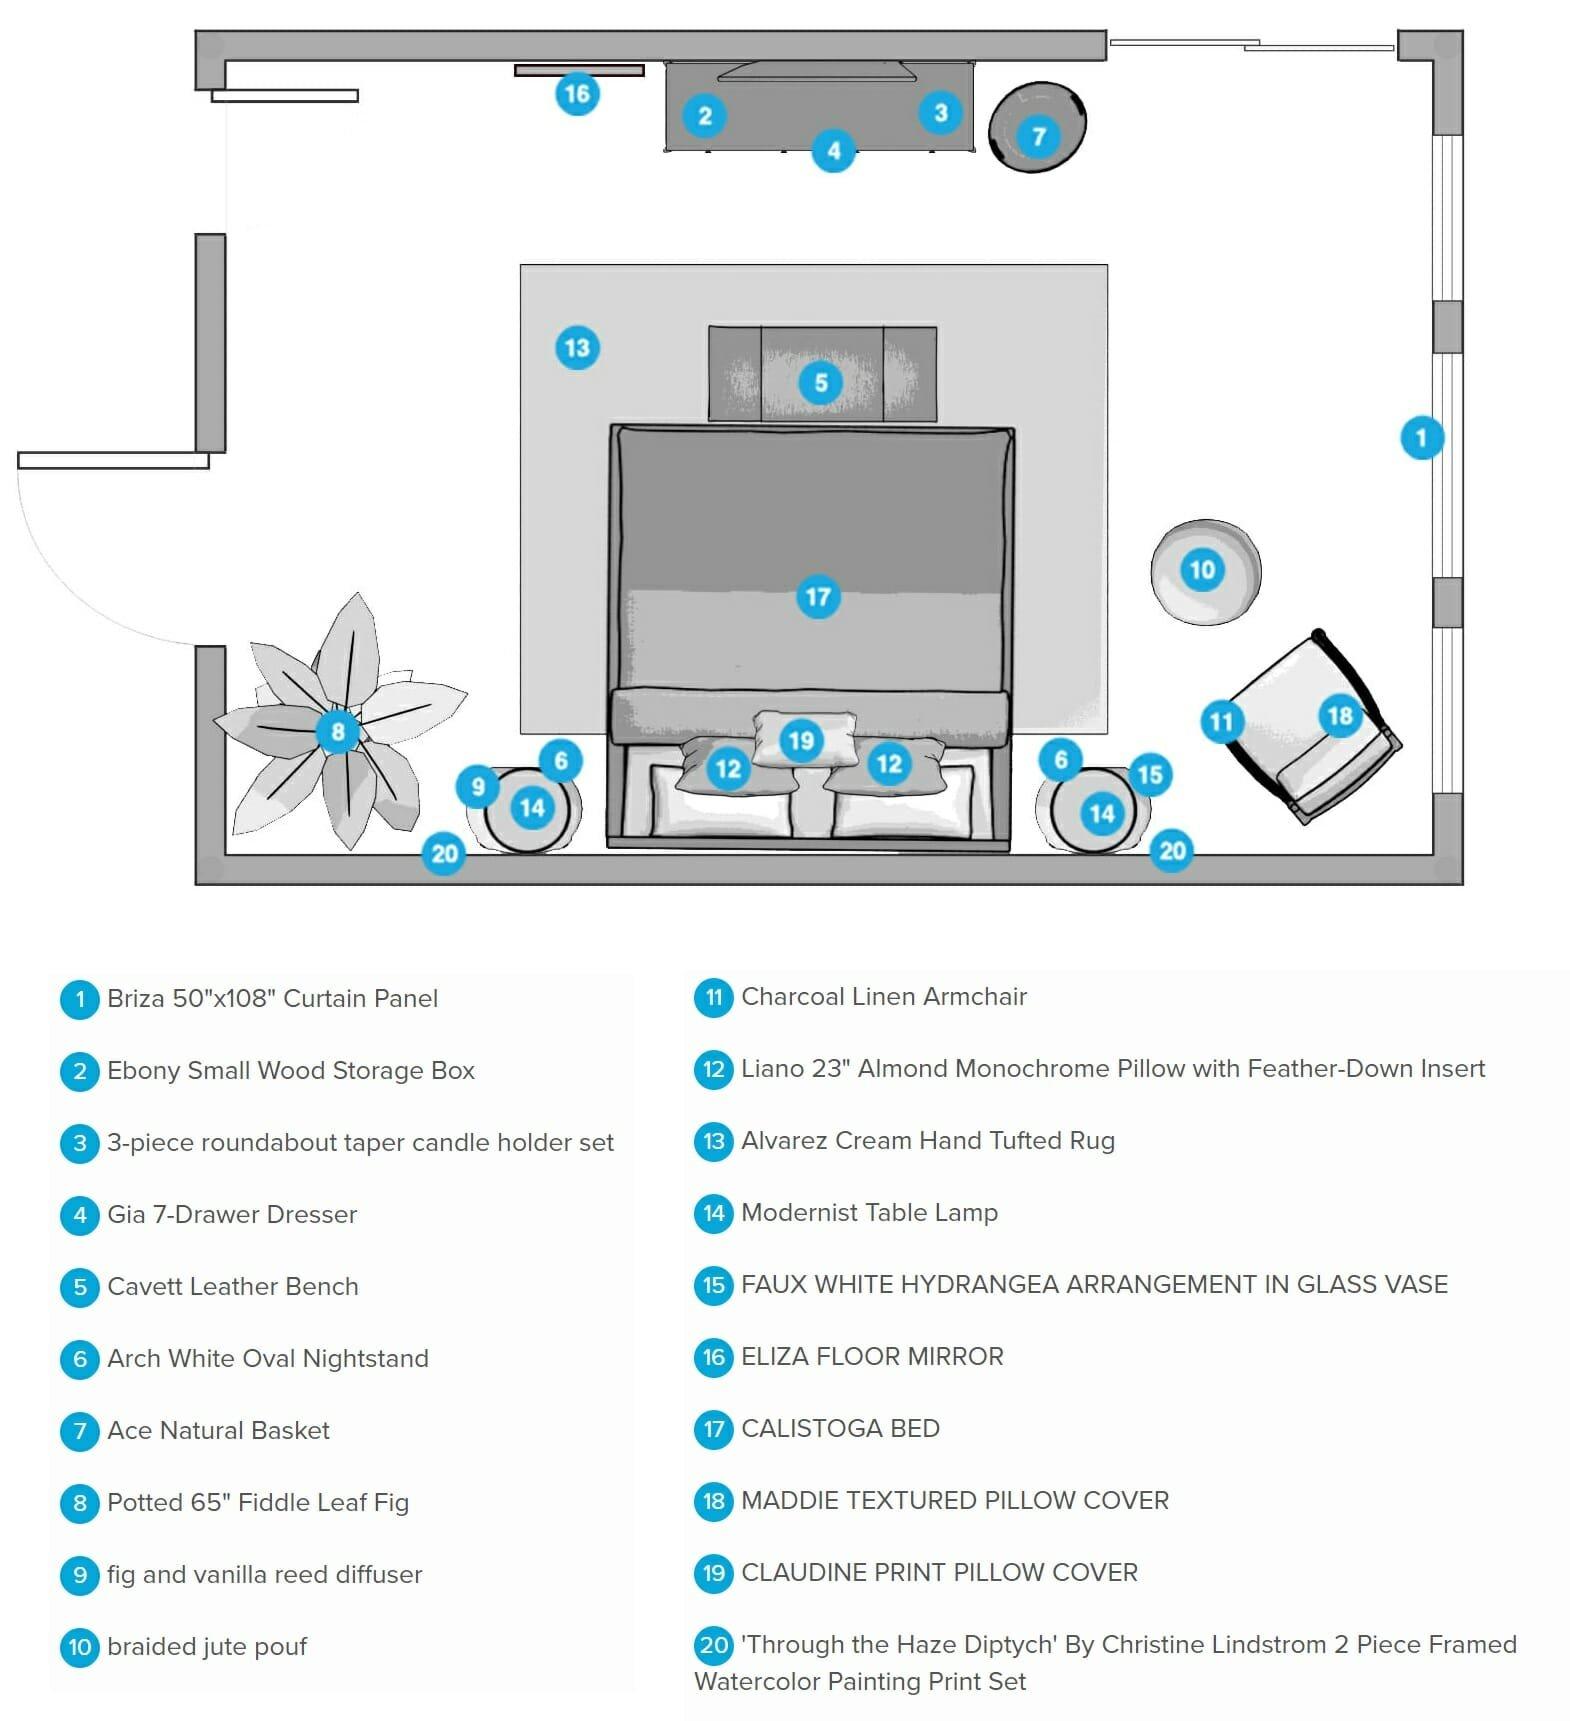 decorilla vs modsy comparison floor plan